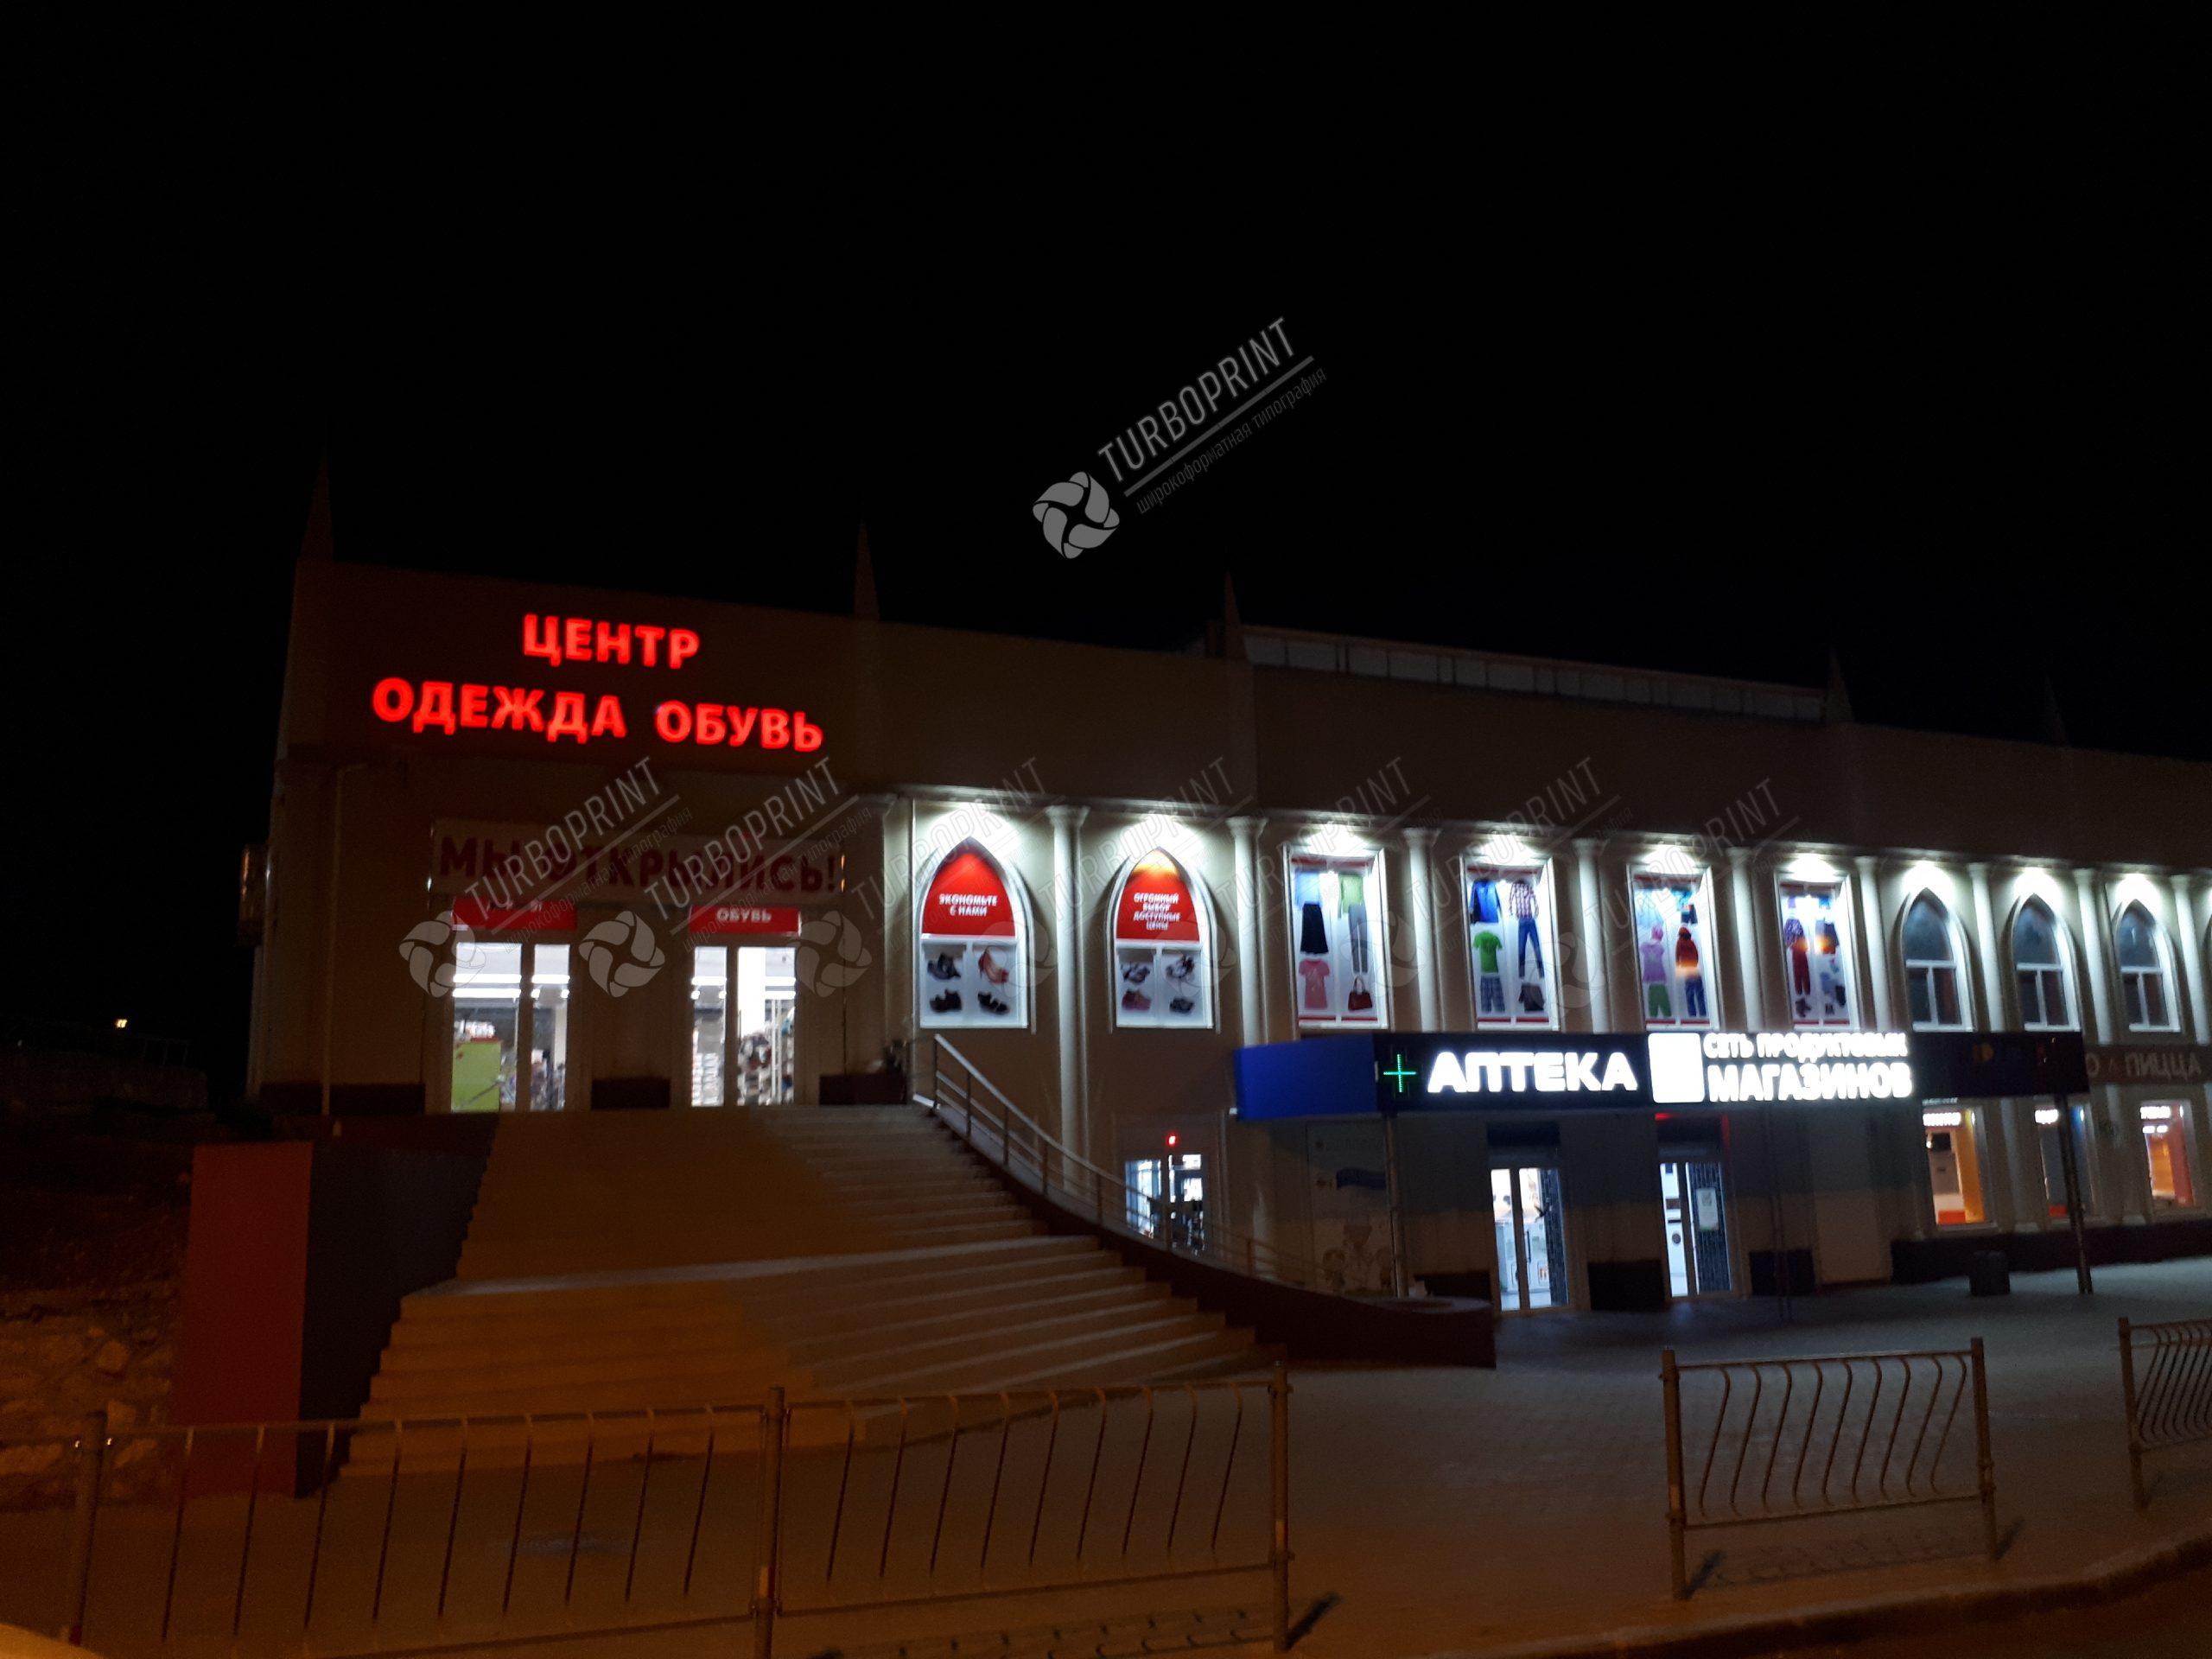 nochnaya-podsvetka-reklamy-v-vitrine-sevastopol